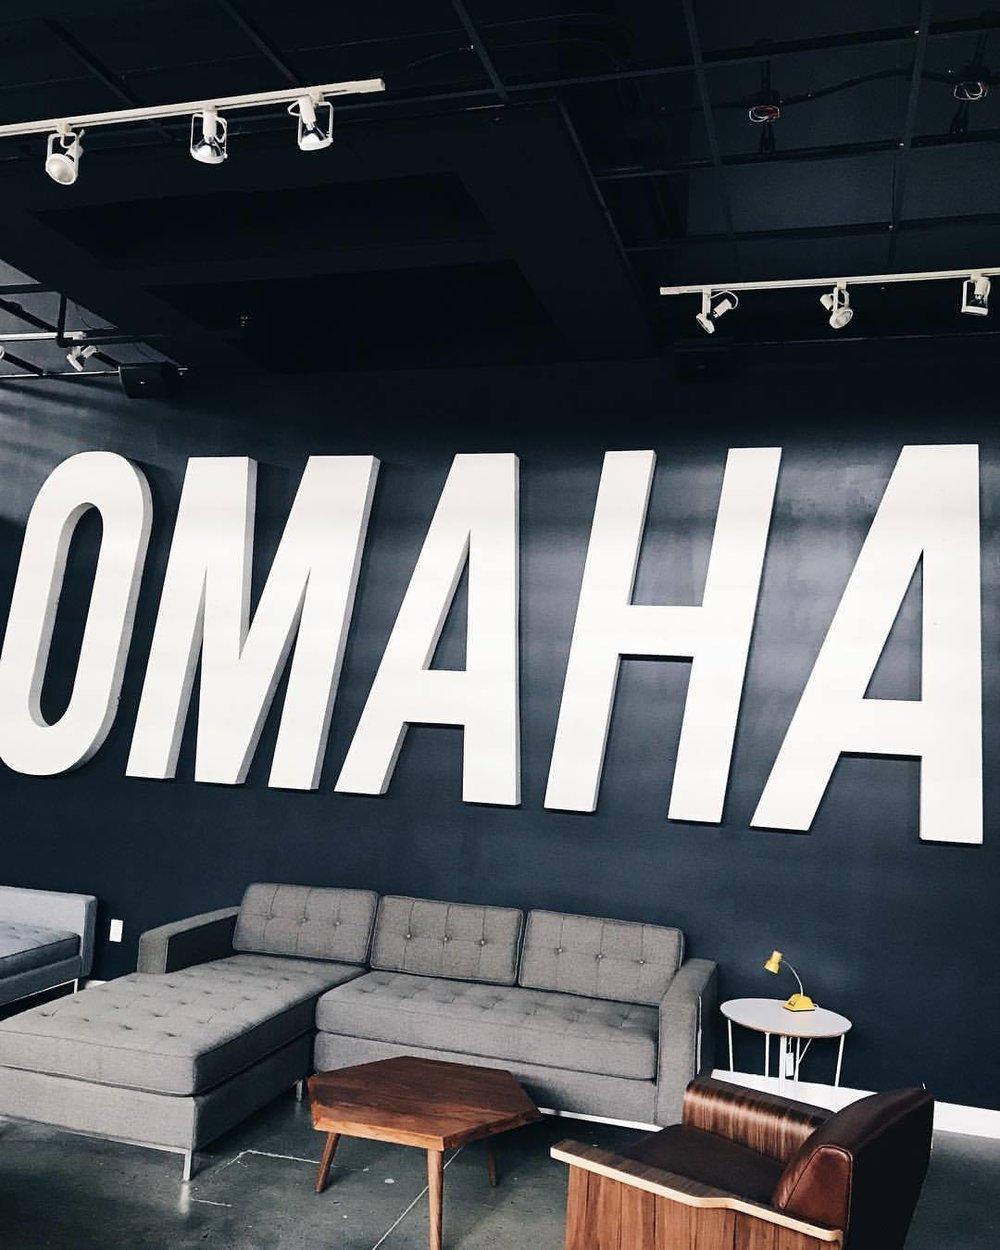 Hutch Omaha.jpg